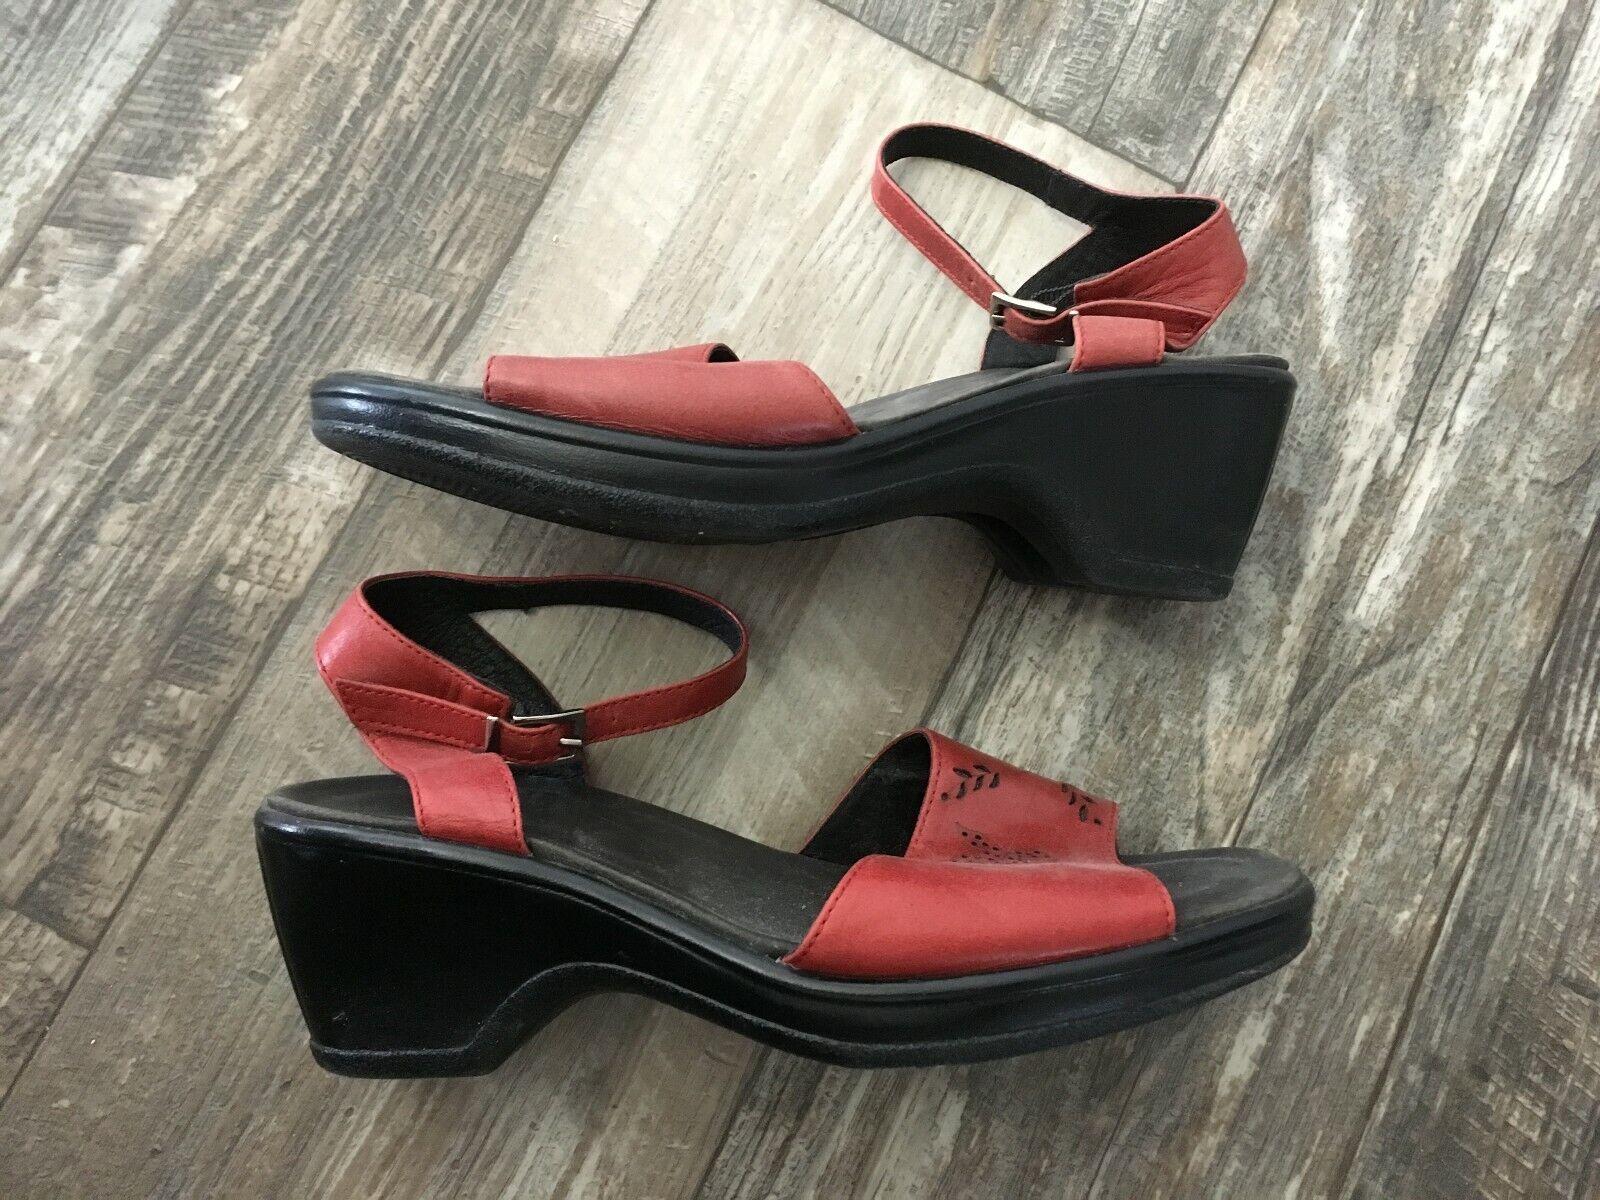 Dansko Red Leather Sandal - 38 - image 5